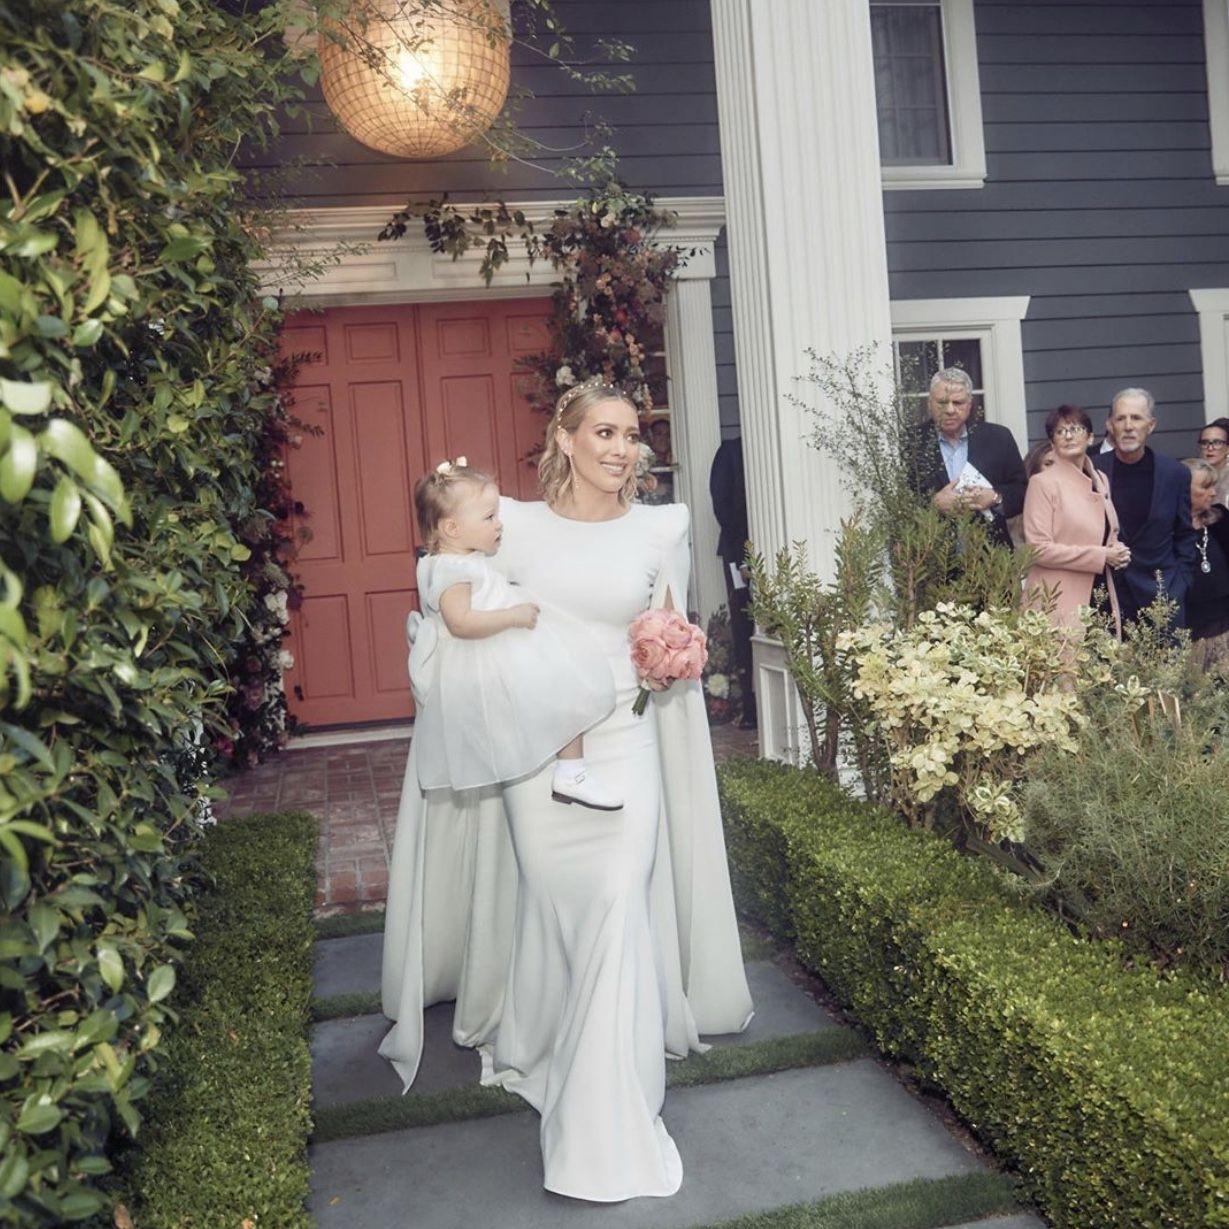 Pin By Elo On Hilary Duff Hilary Duff Wedding Dress Hillary Duff Wedding Celebrity Bride